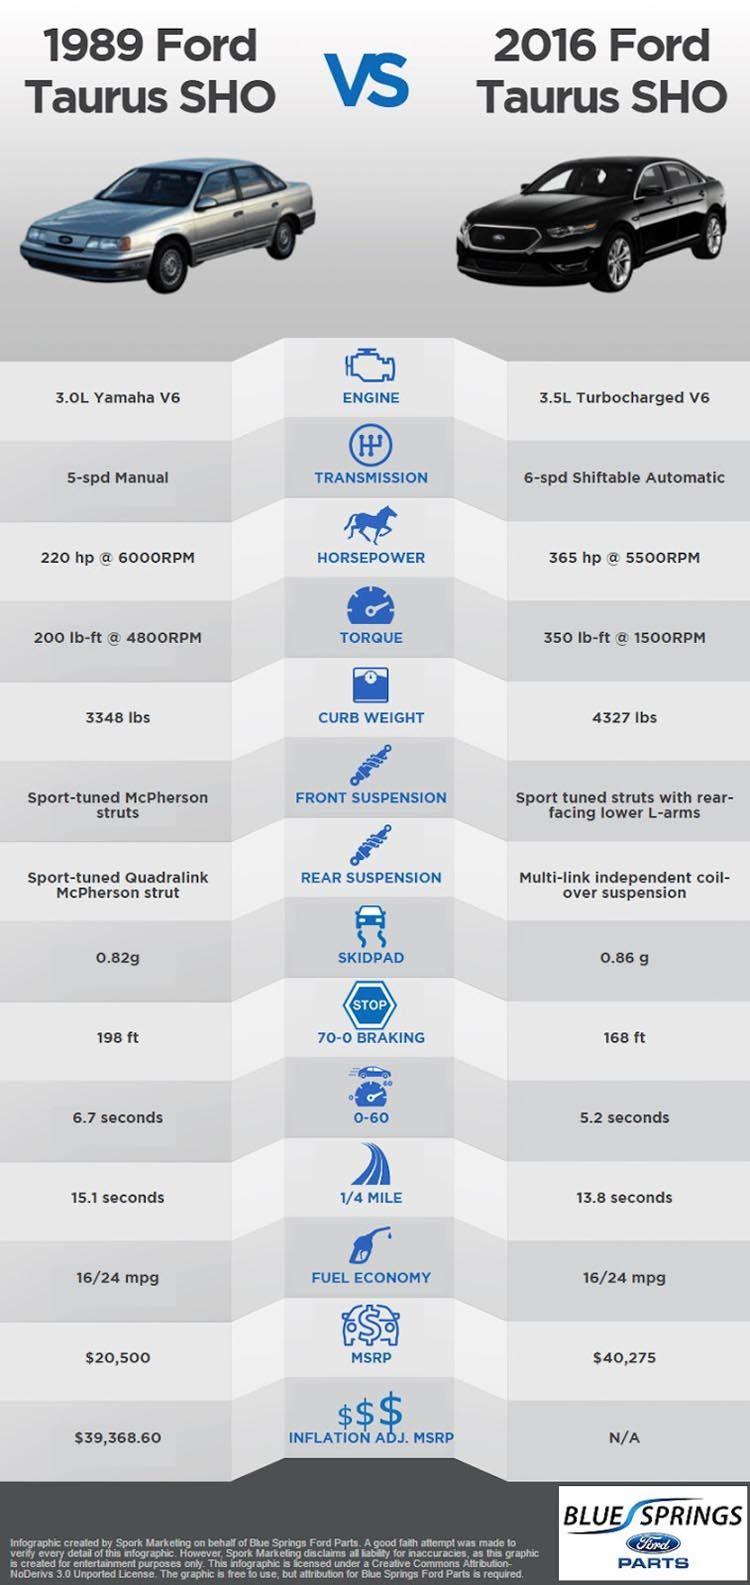 Ford Taurus Sho 1989 Vs 2016 Comparison Chart